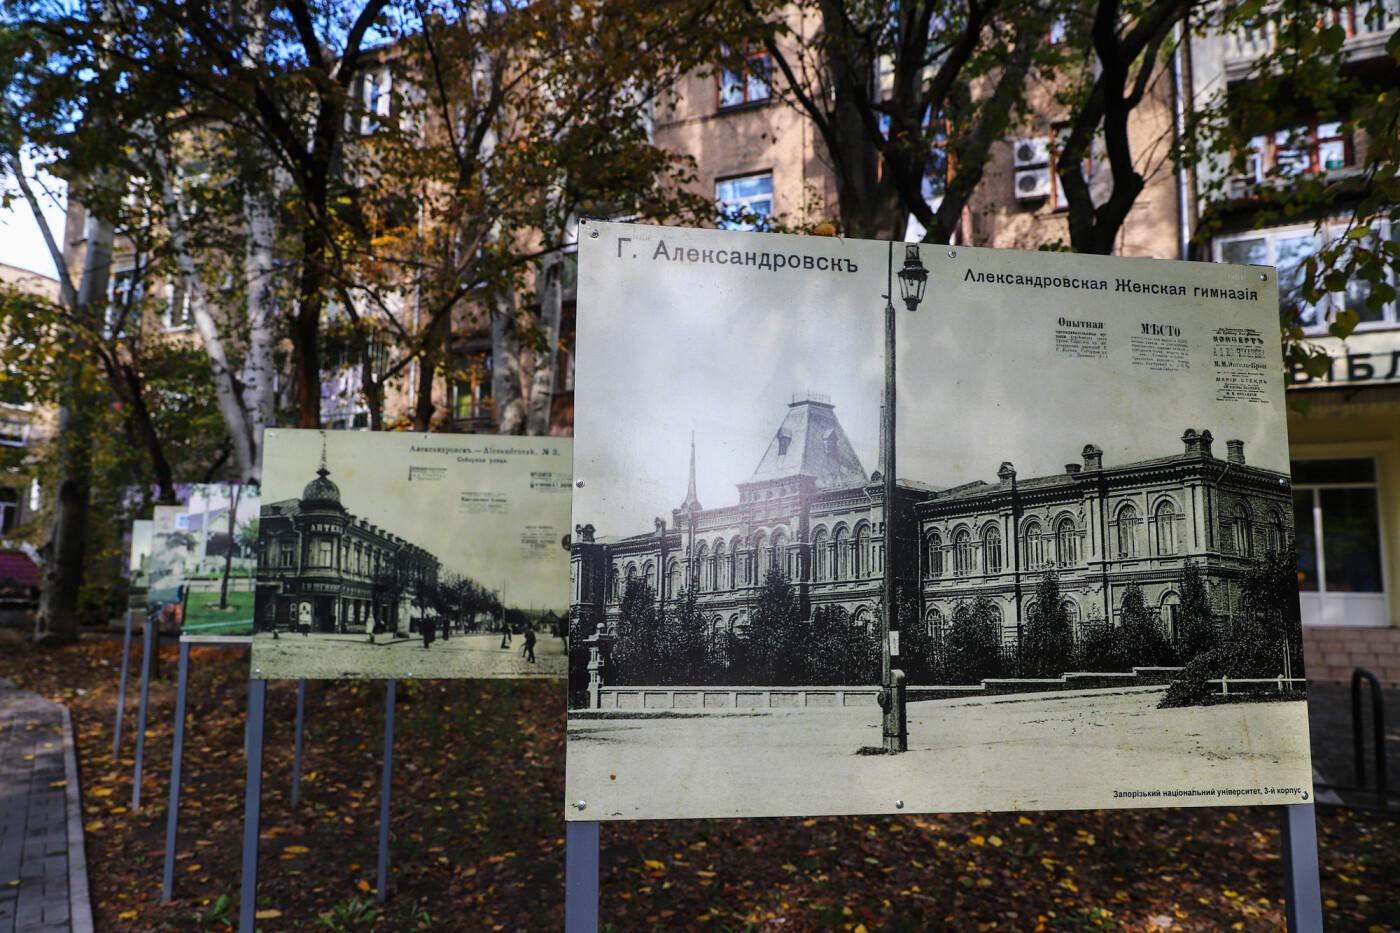 Маршруты выходного дня: не скучаем на карантине, а изучаем Запорожскую область и открываем секреты родного города, фото-45